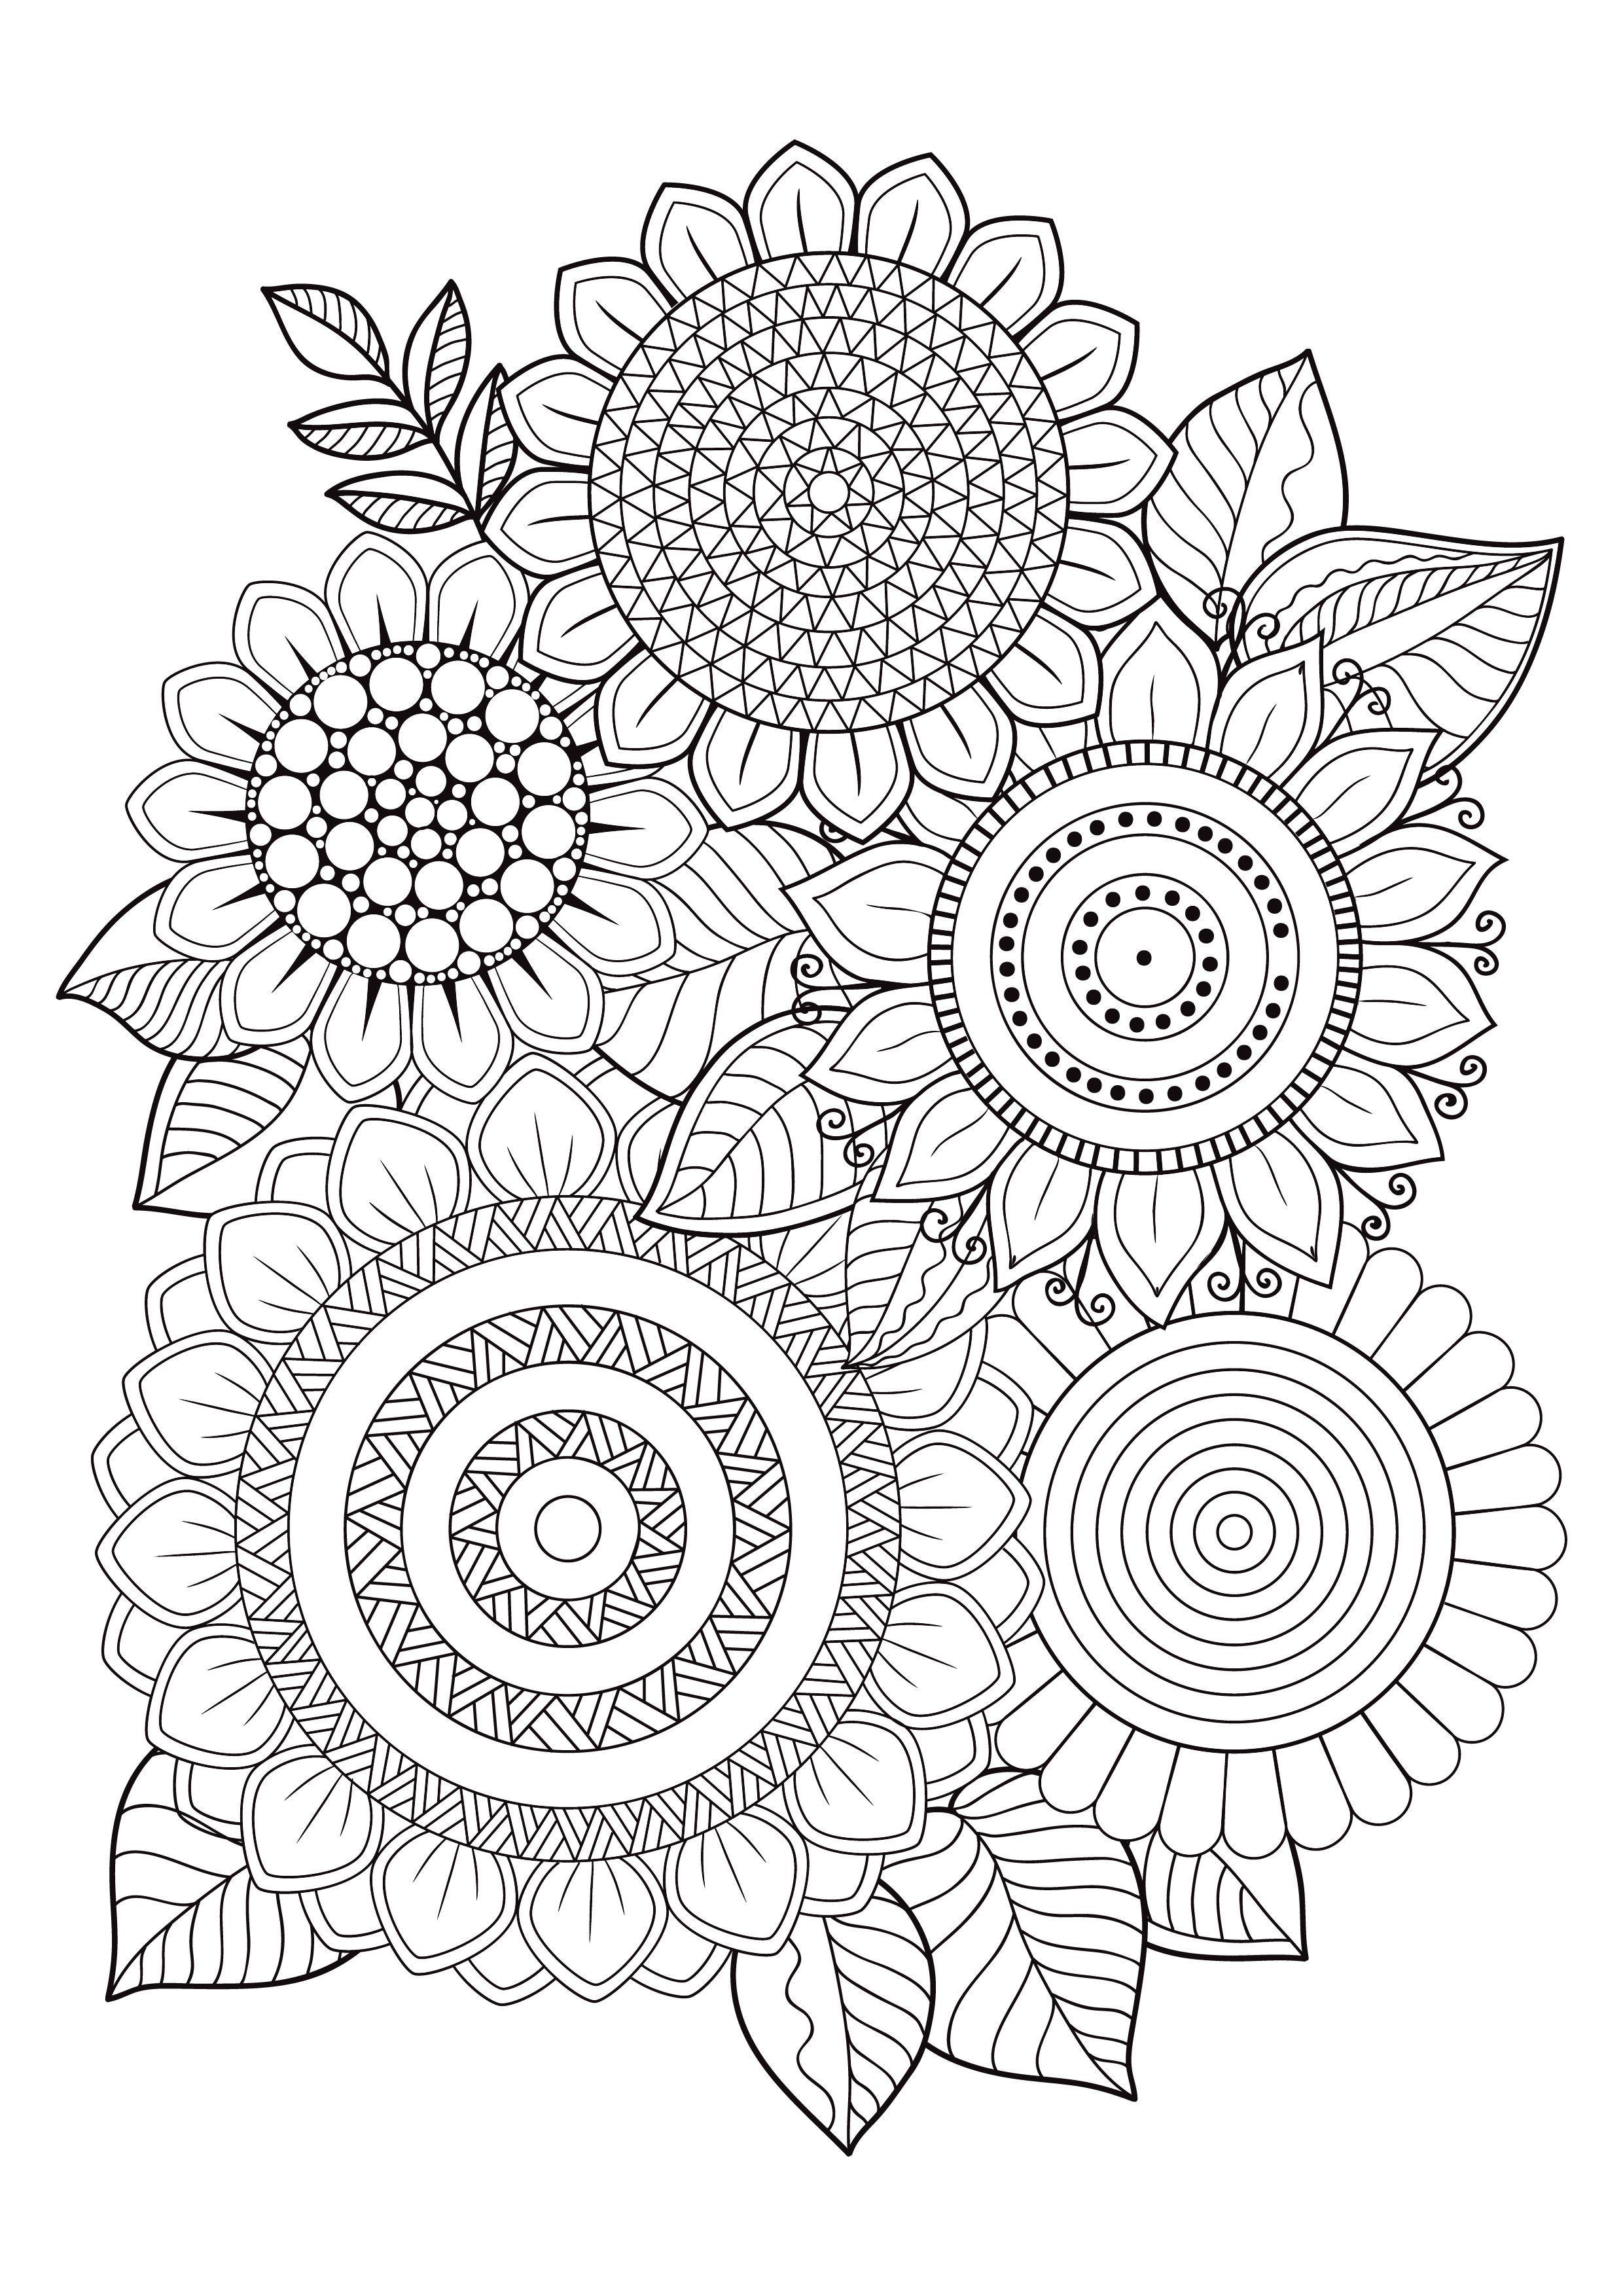 Blumen Mandala Vintage Dekorative Elemente Orientalisches Muster Vektorillustrati Muster Malvorlagen Kostenlose Erwachsenen Malvorlagen Malvorlagen Tiere